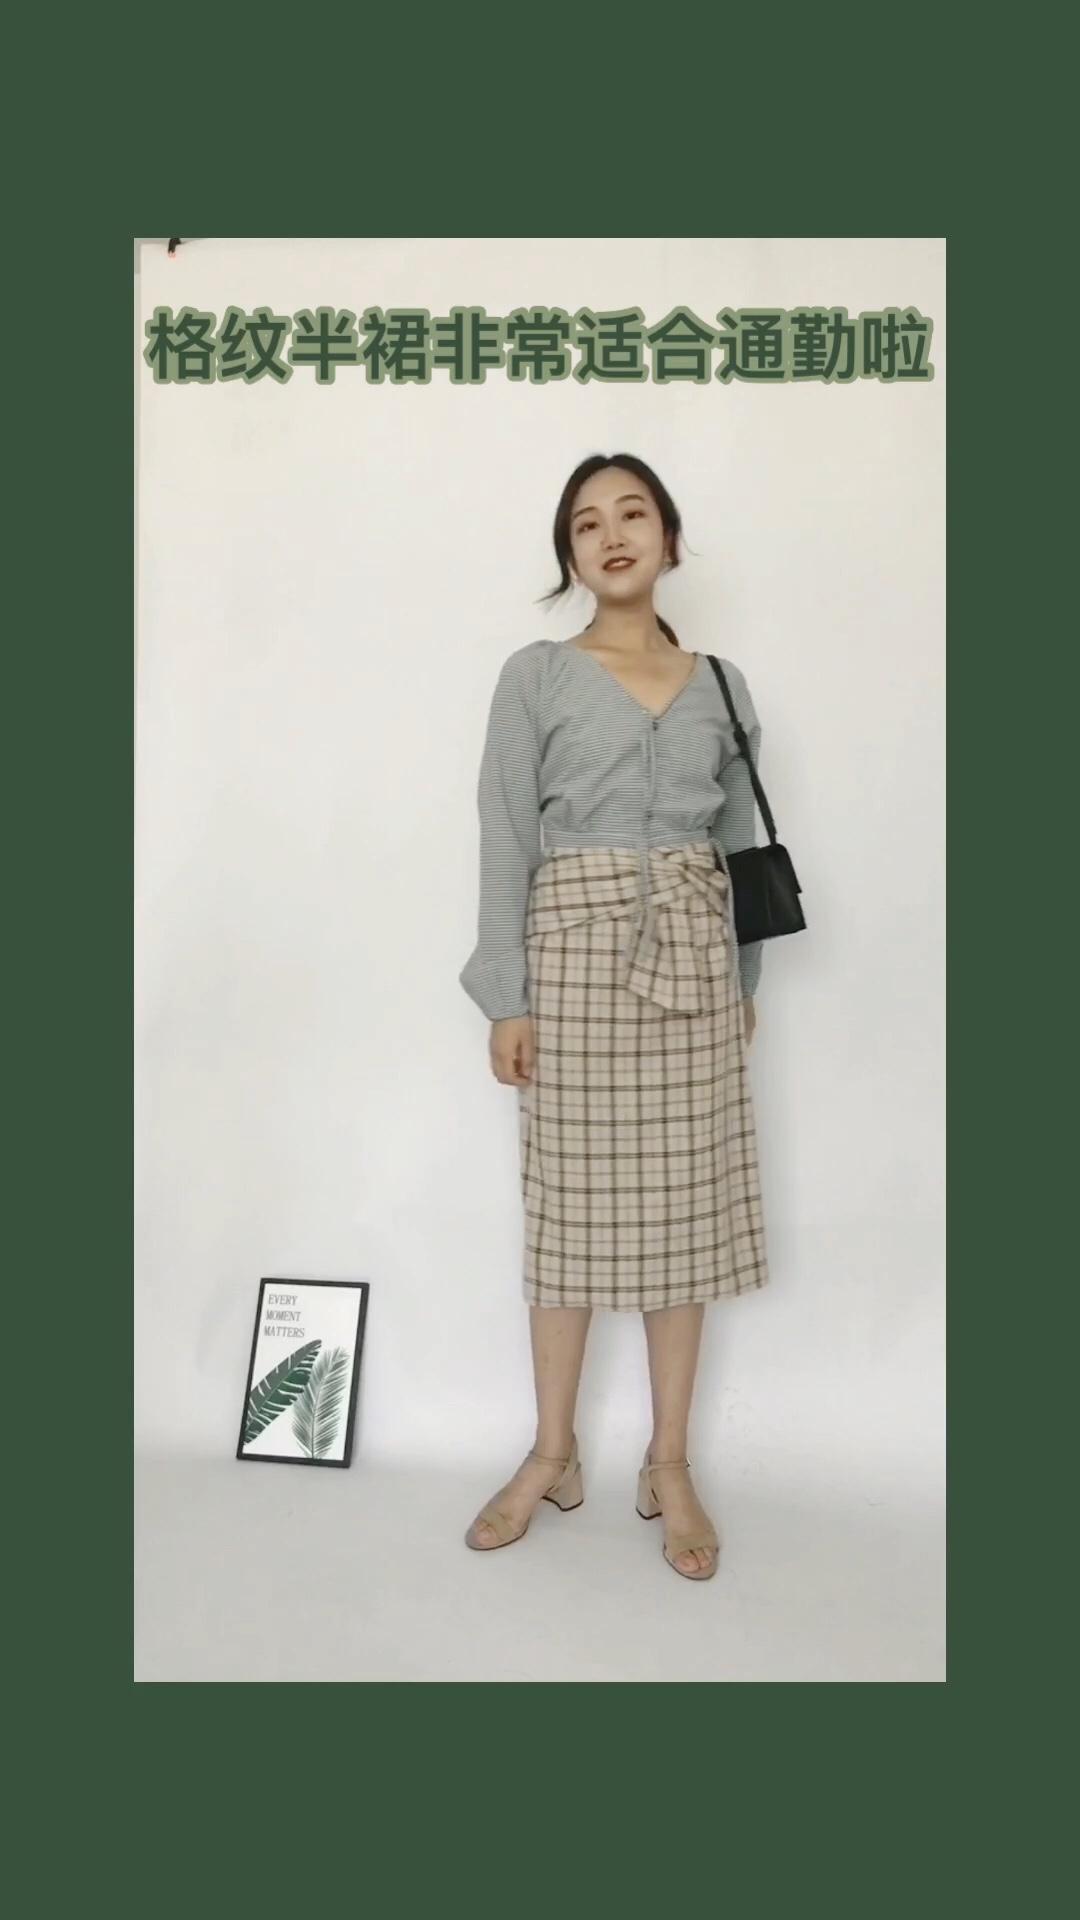 #你的毕业旅行箱缺了这条裙子!# 每日穿搭 清新的绿色系是夏日必备啦 格纹很有复古感 和格纹裙相互呼应 这套很显瘦呀